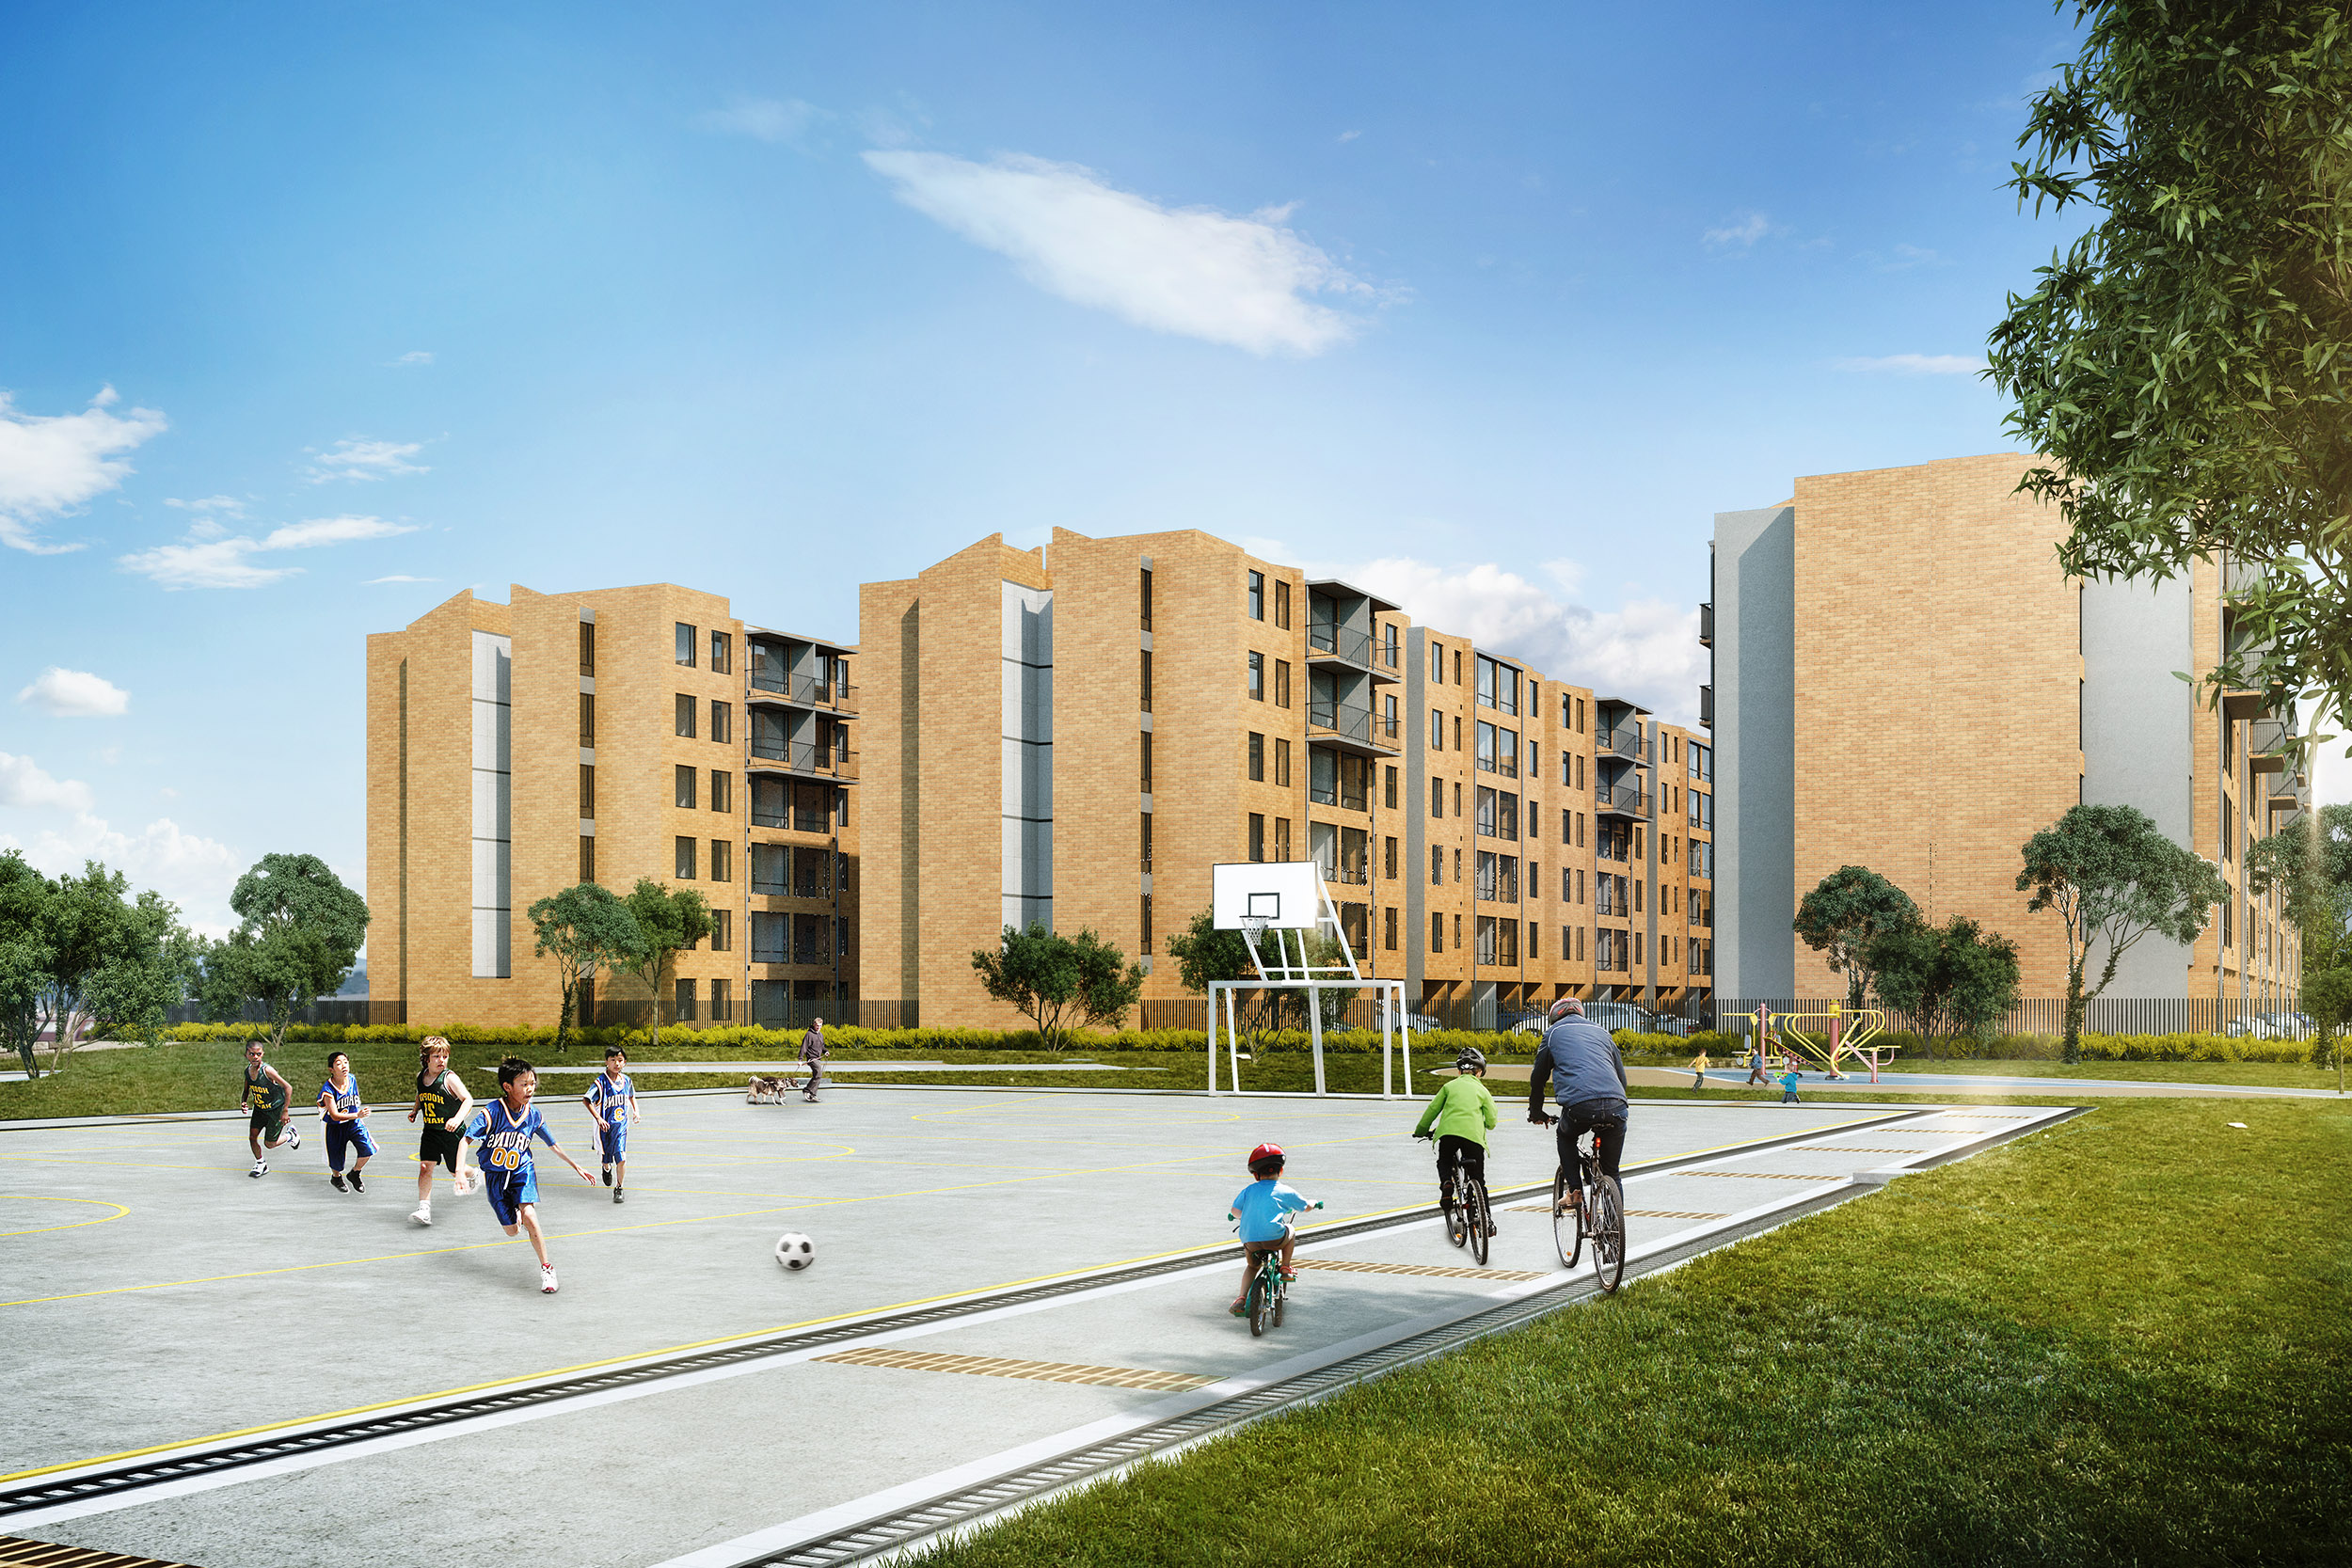 Toledo-apartamentos-Via-Indumil-Soacha-hogar-nuevos-vivienda-de-interes-social-vis-venta-vivienda-bogota-habitaciones-baños-cundinamarca-torortiz-casas-lotes-hogar-render-fachada-exterior-parque